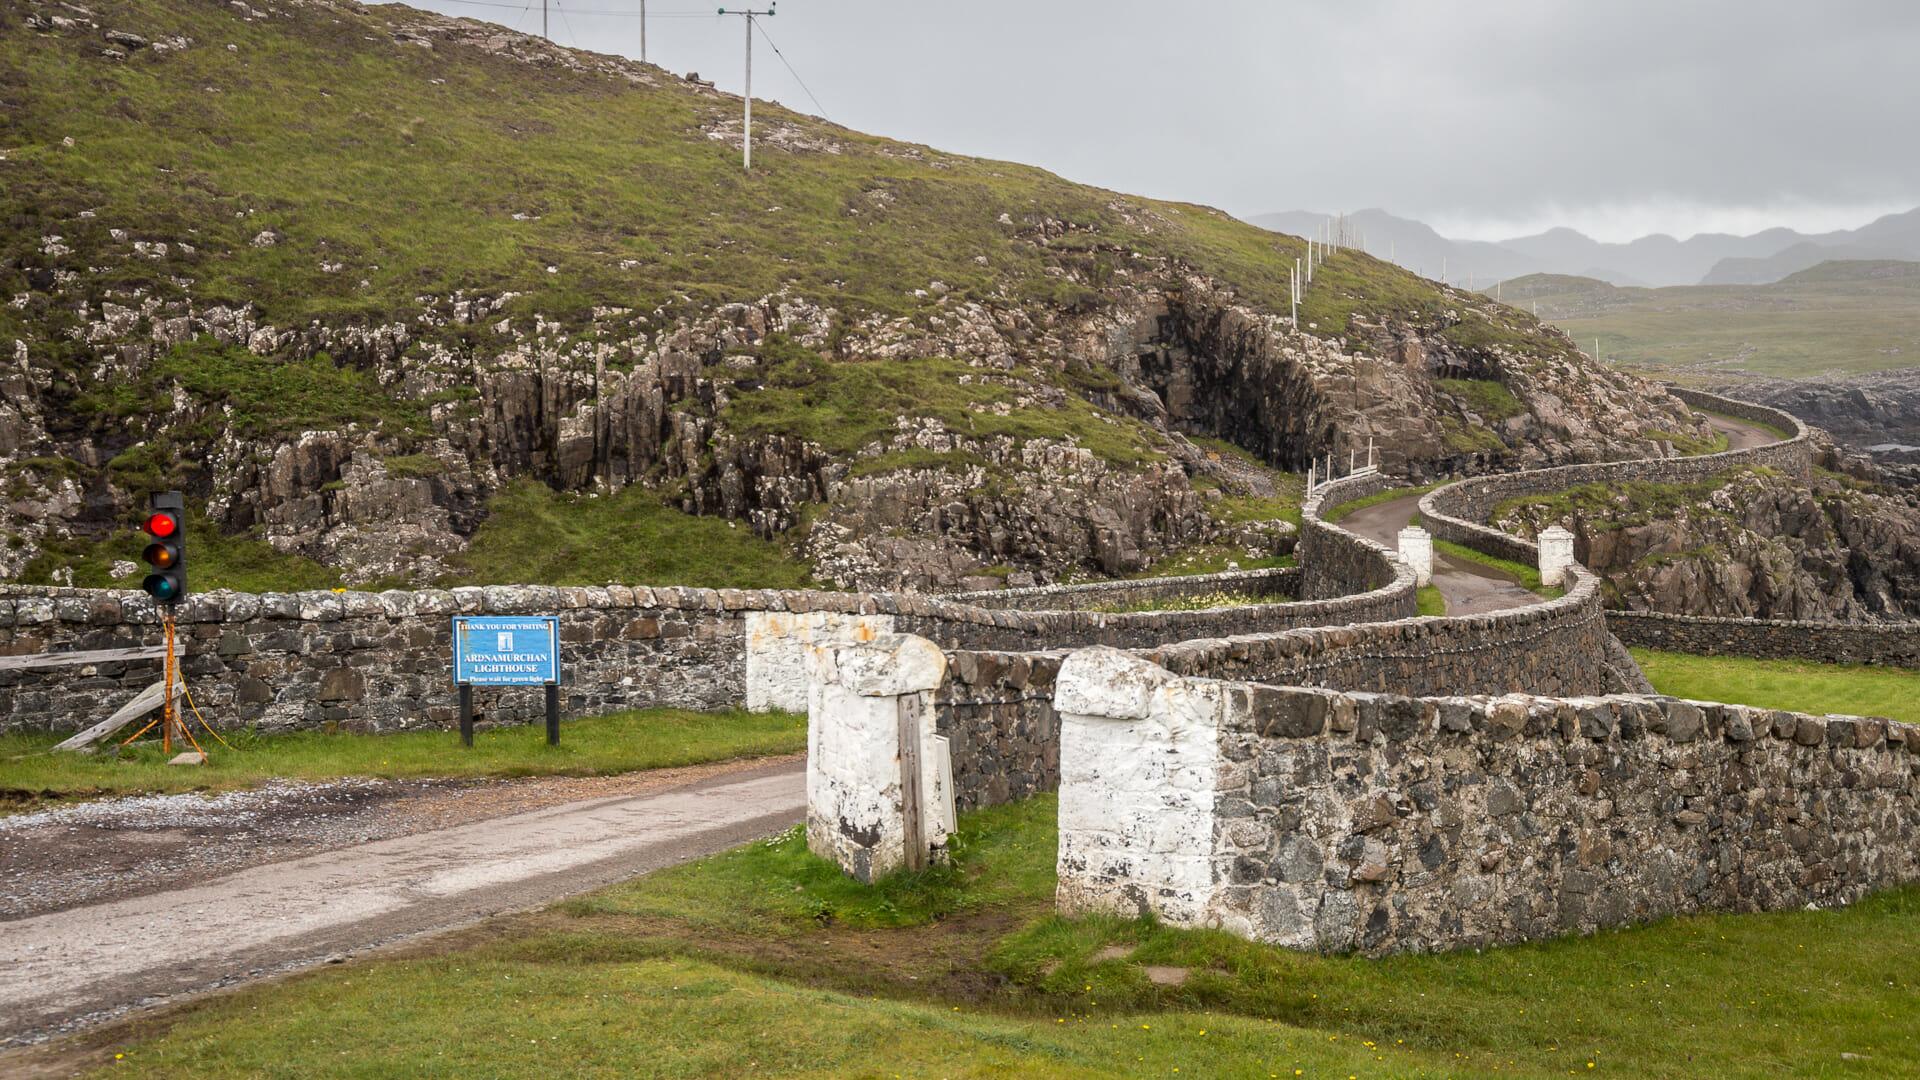 Das letzte Stück Straße zum Leuchtturm (von der Leuchtturmseite aus gesehen)